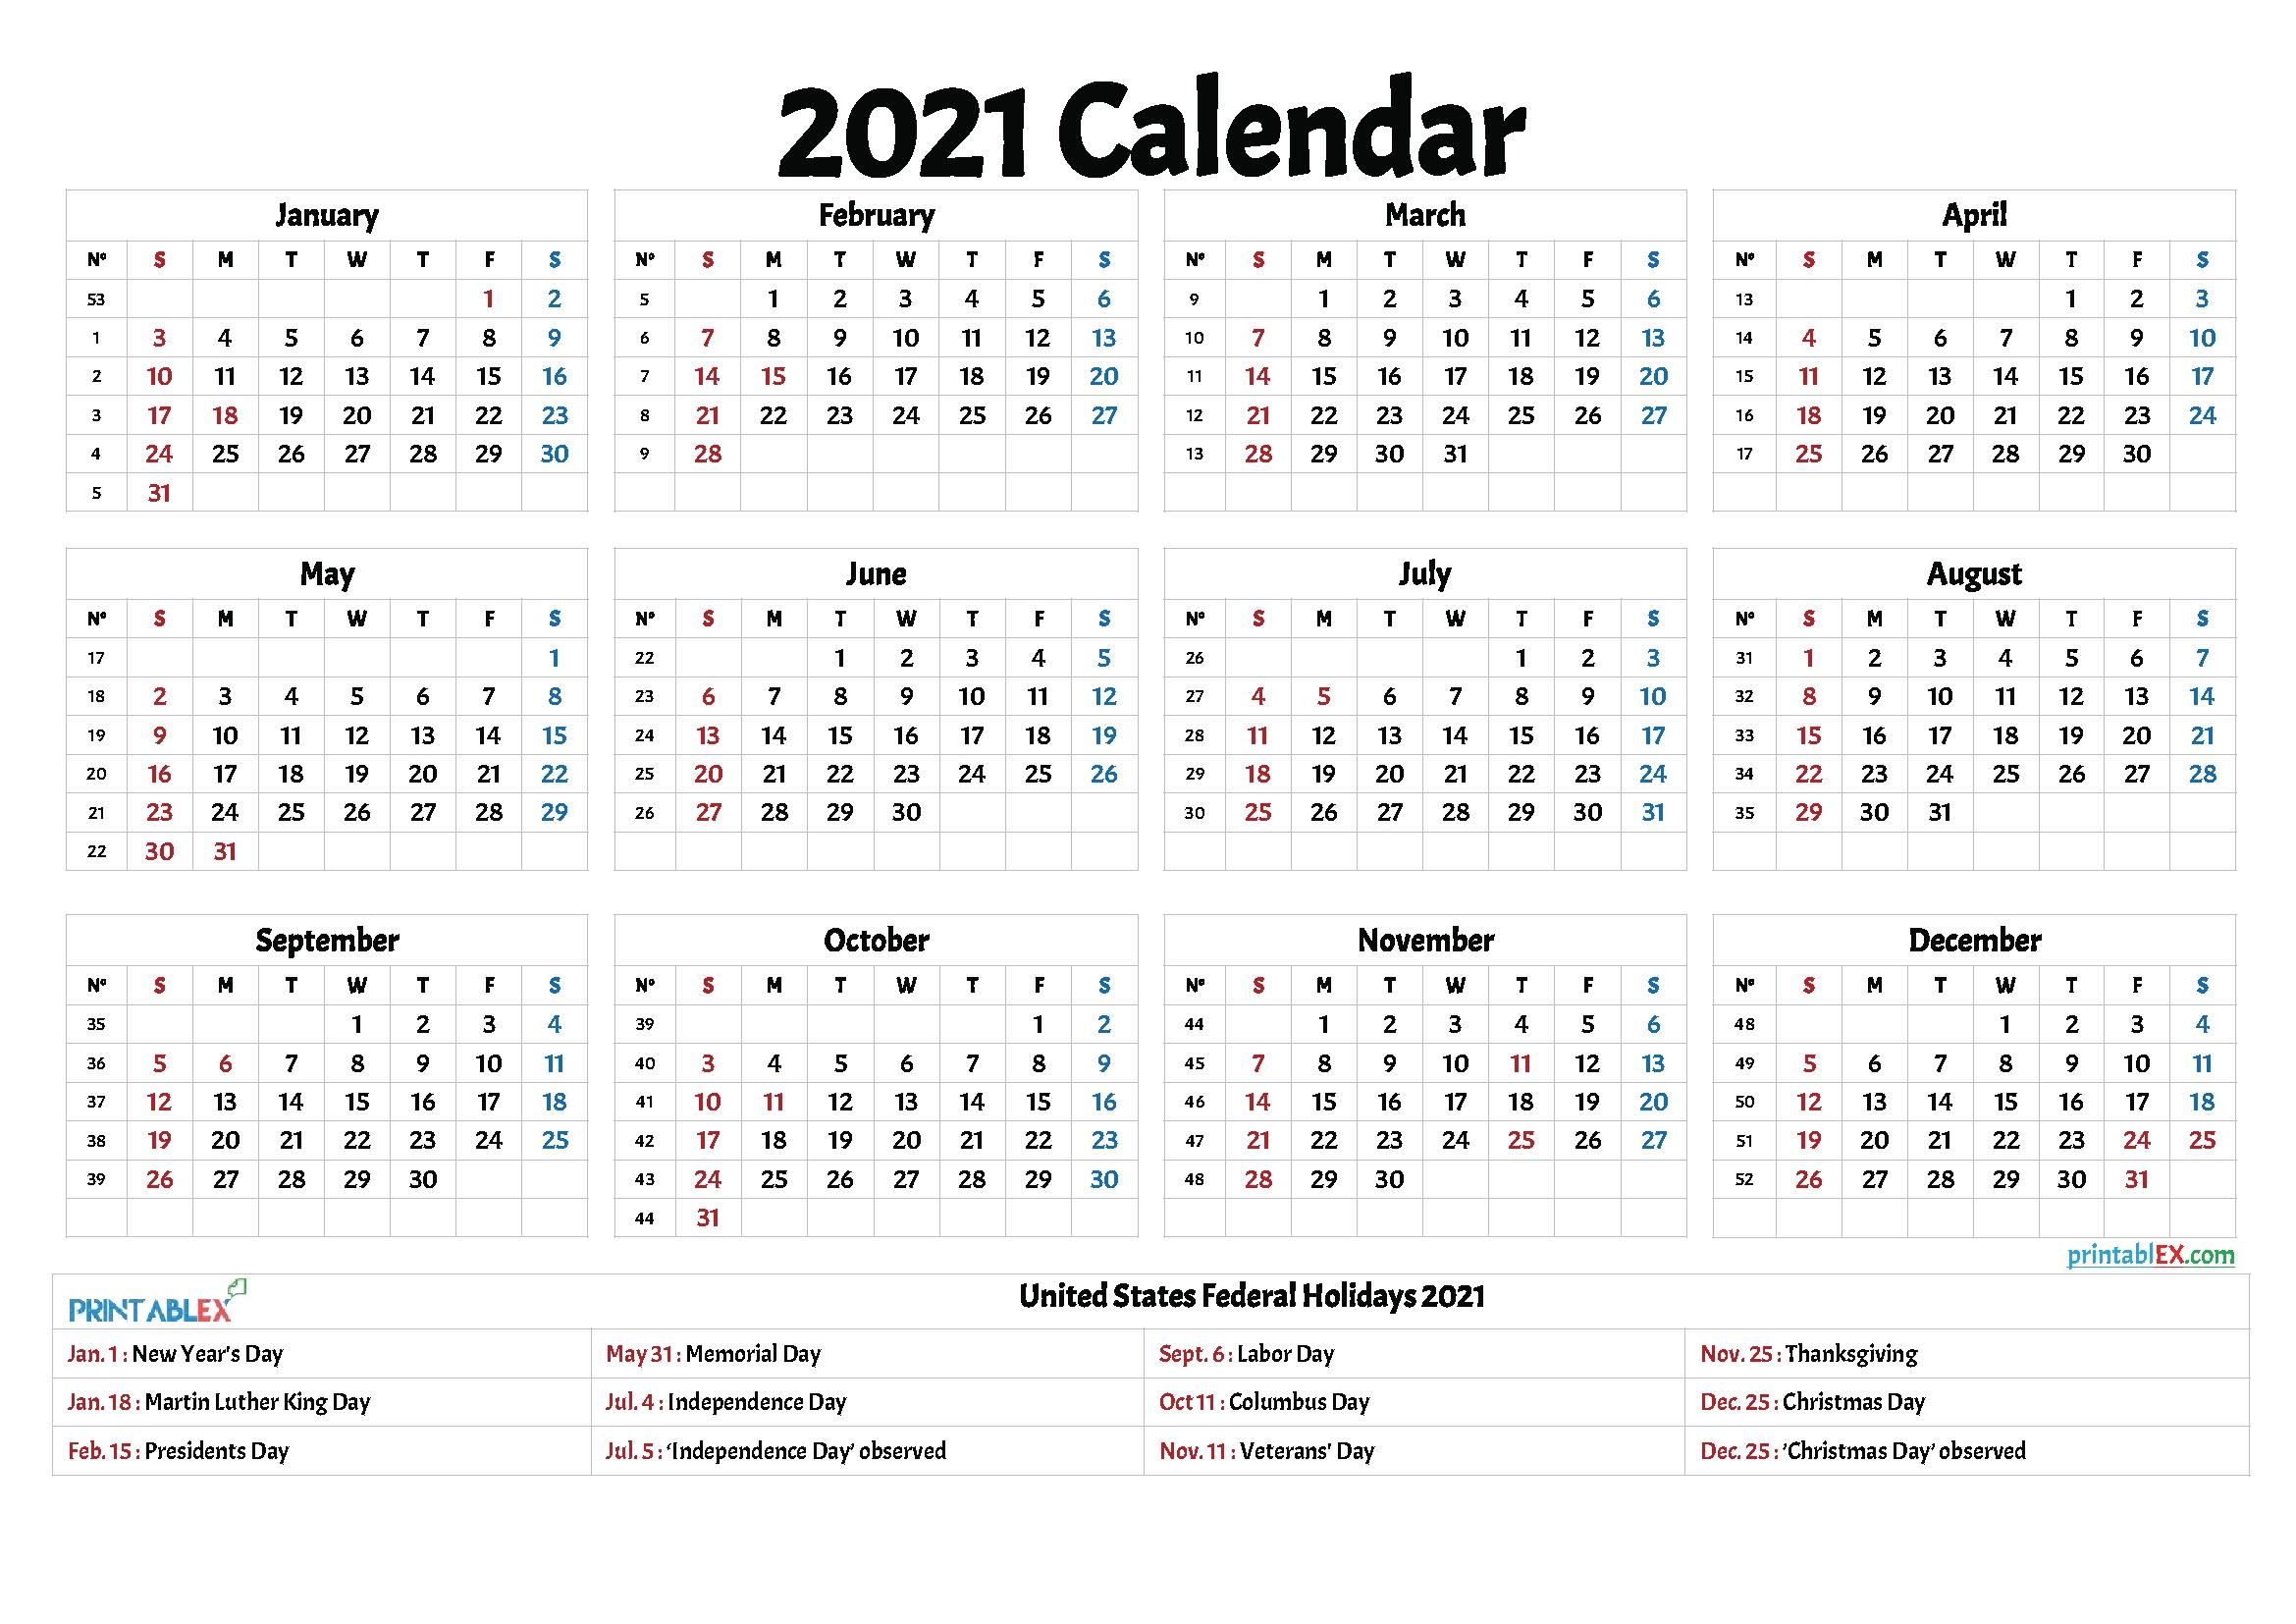 Free 2021 Printable Calendar With Holidays – Free Printable 2020